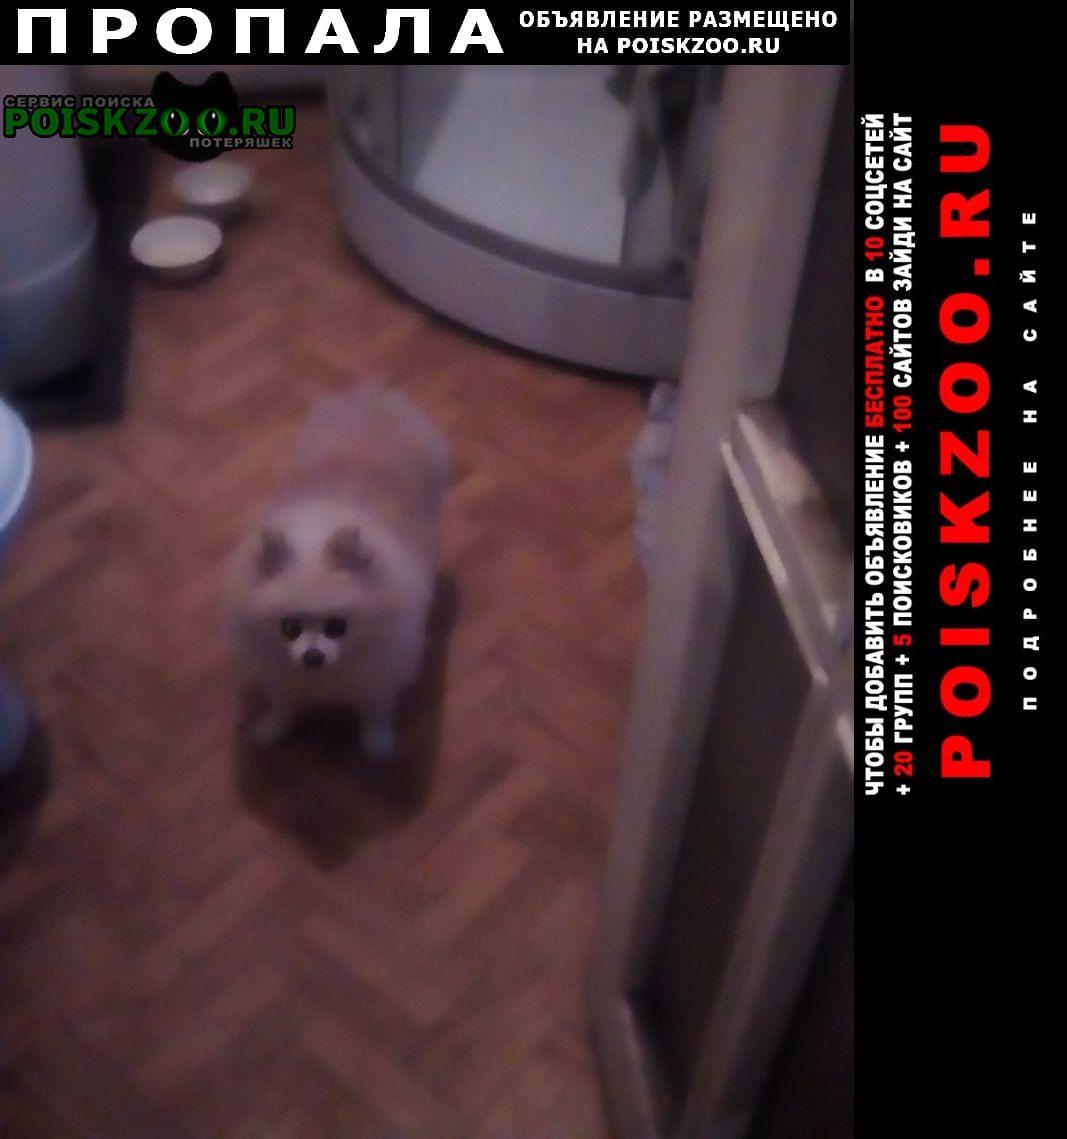 Пропала собака похищена . Рязань